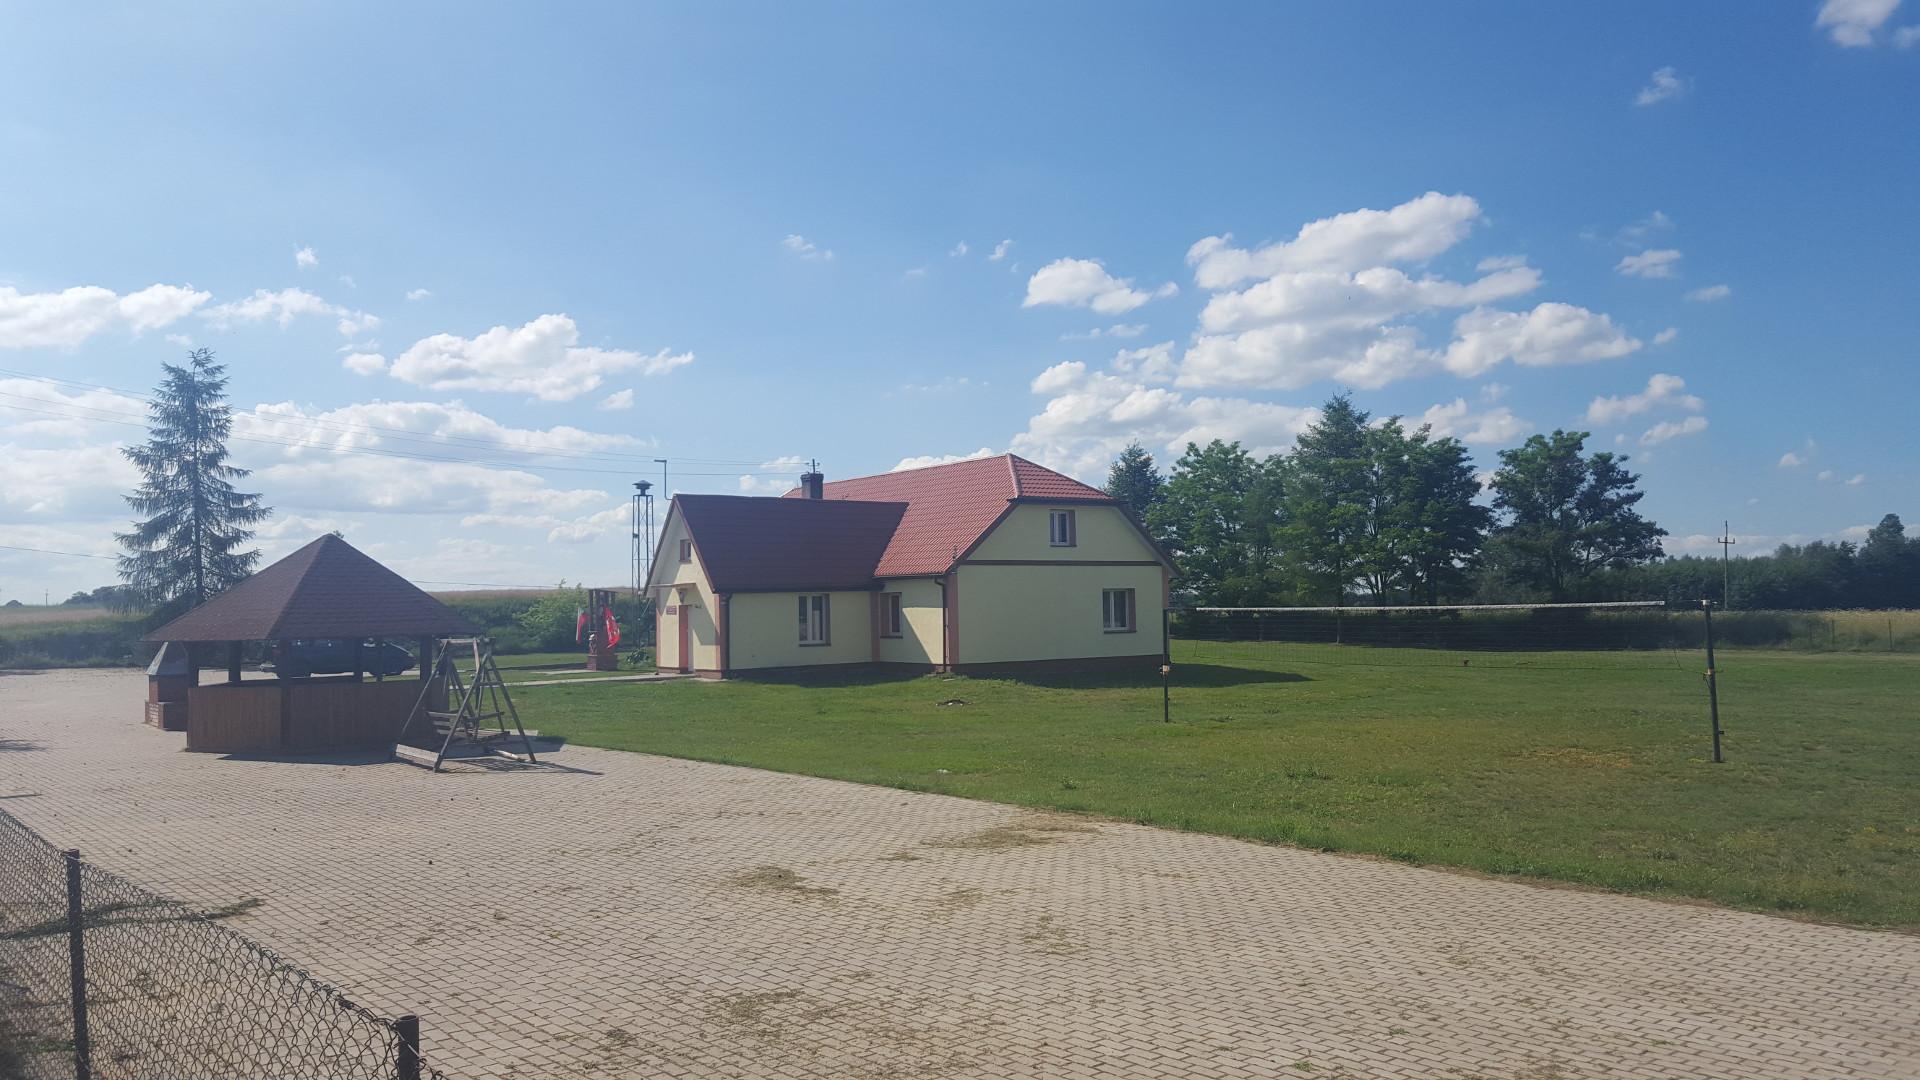 Remont i termomodernizacja budynku Ochotniczej Straży Pożarnej, oraz świetlicy wiejskiej we wsi Brzozowa - 2